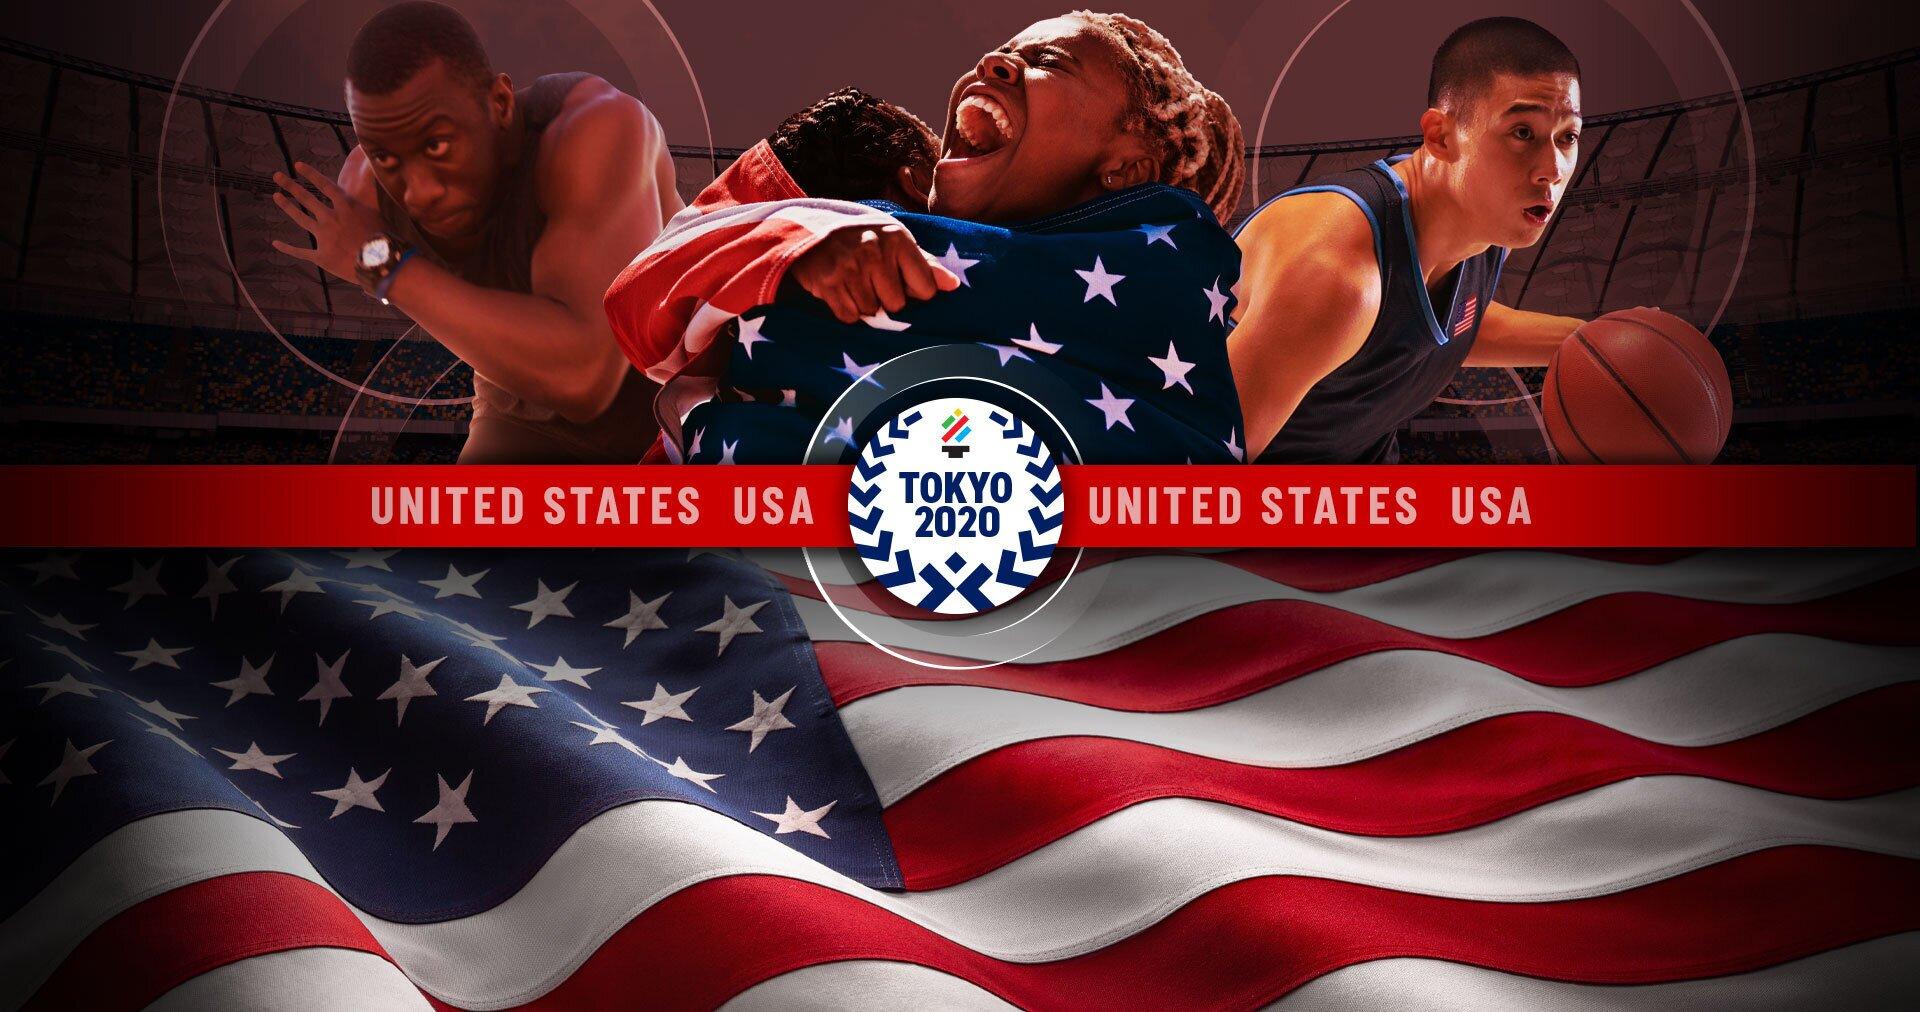 Tokyo Olympics Team USA banner image